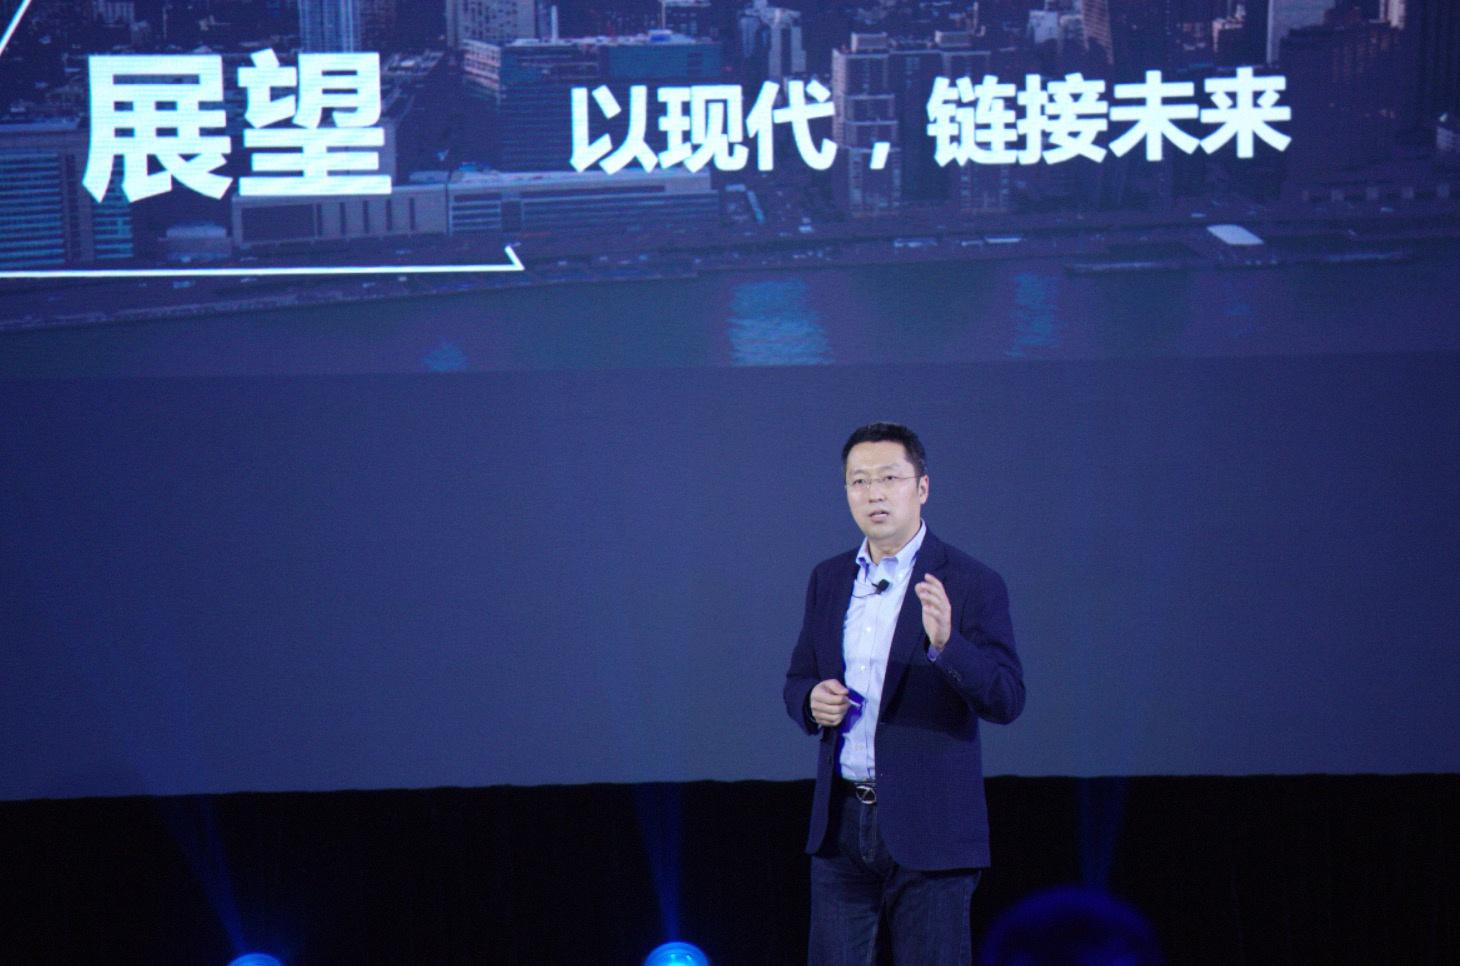 北京现代副总经理、销售本部副本部长 樊京涛